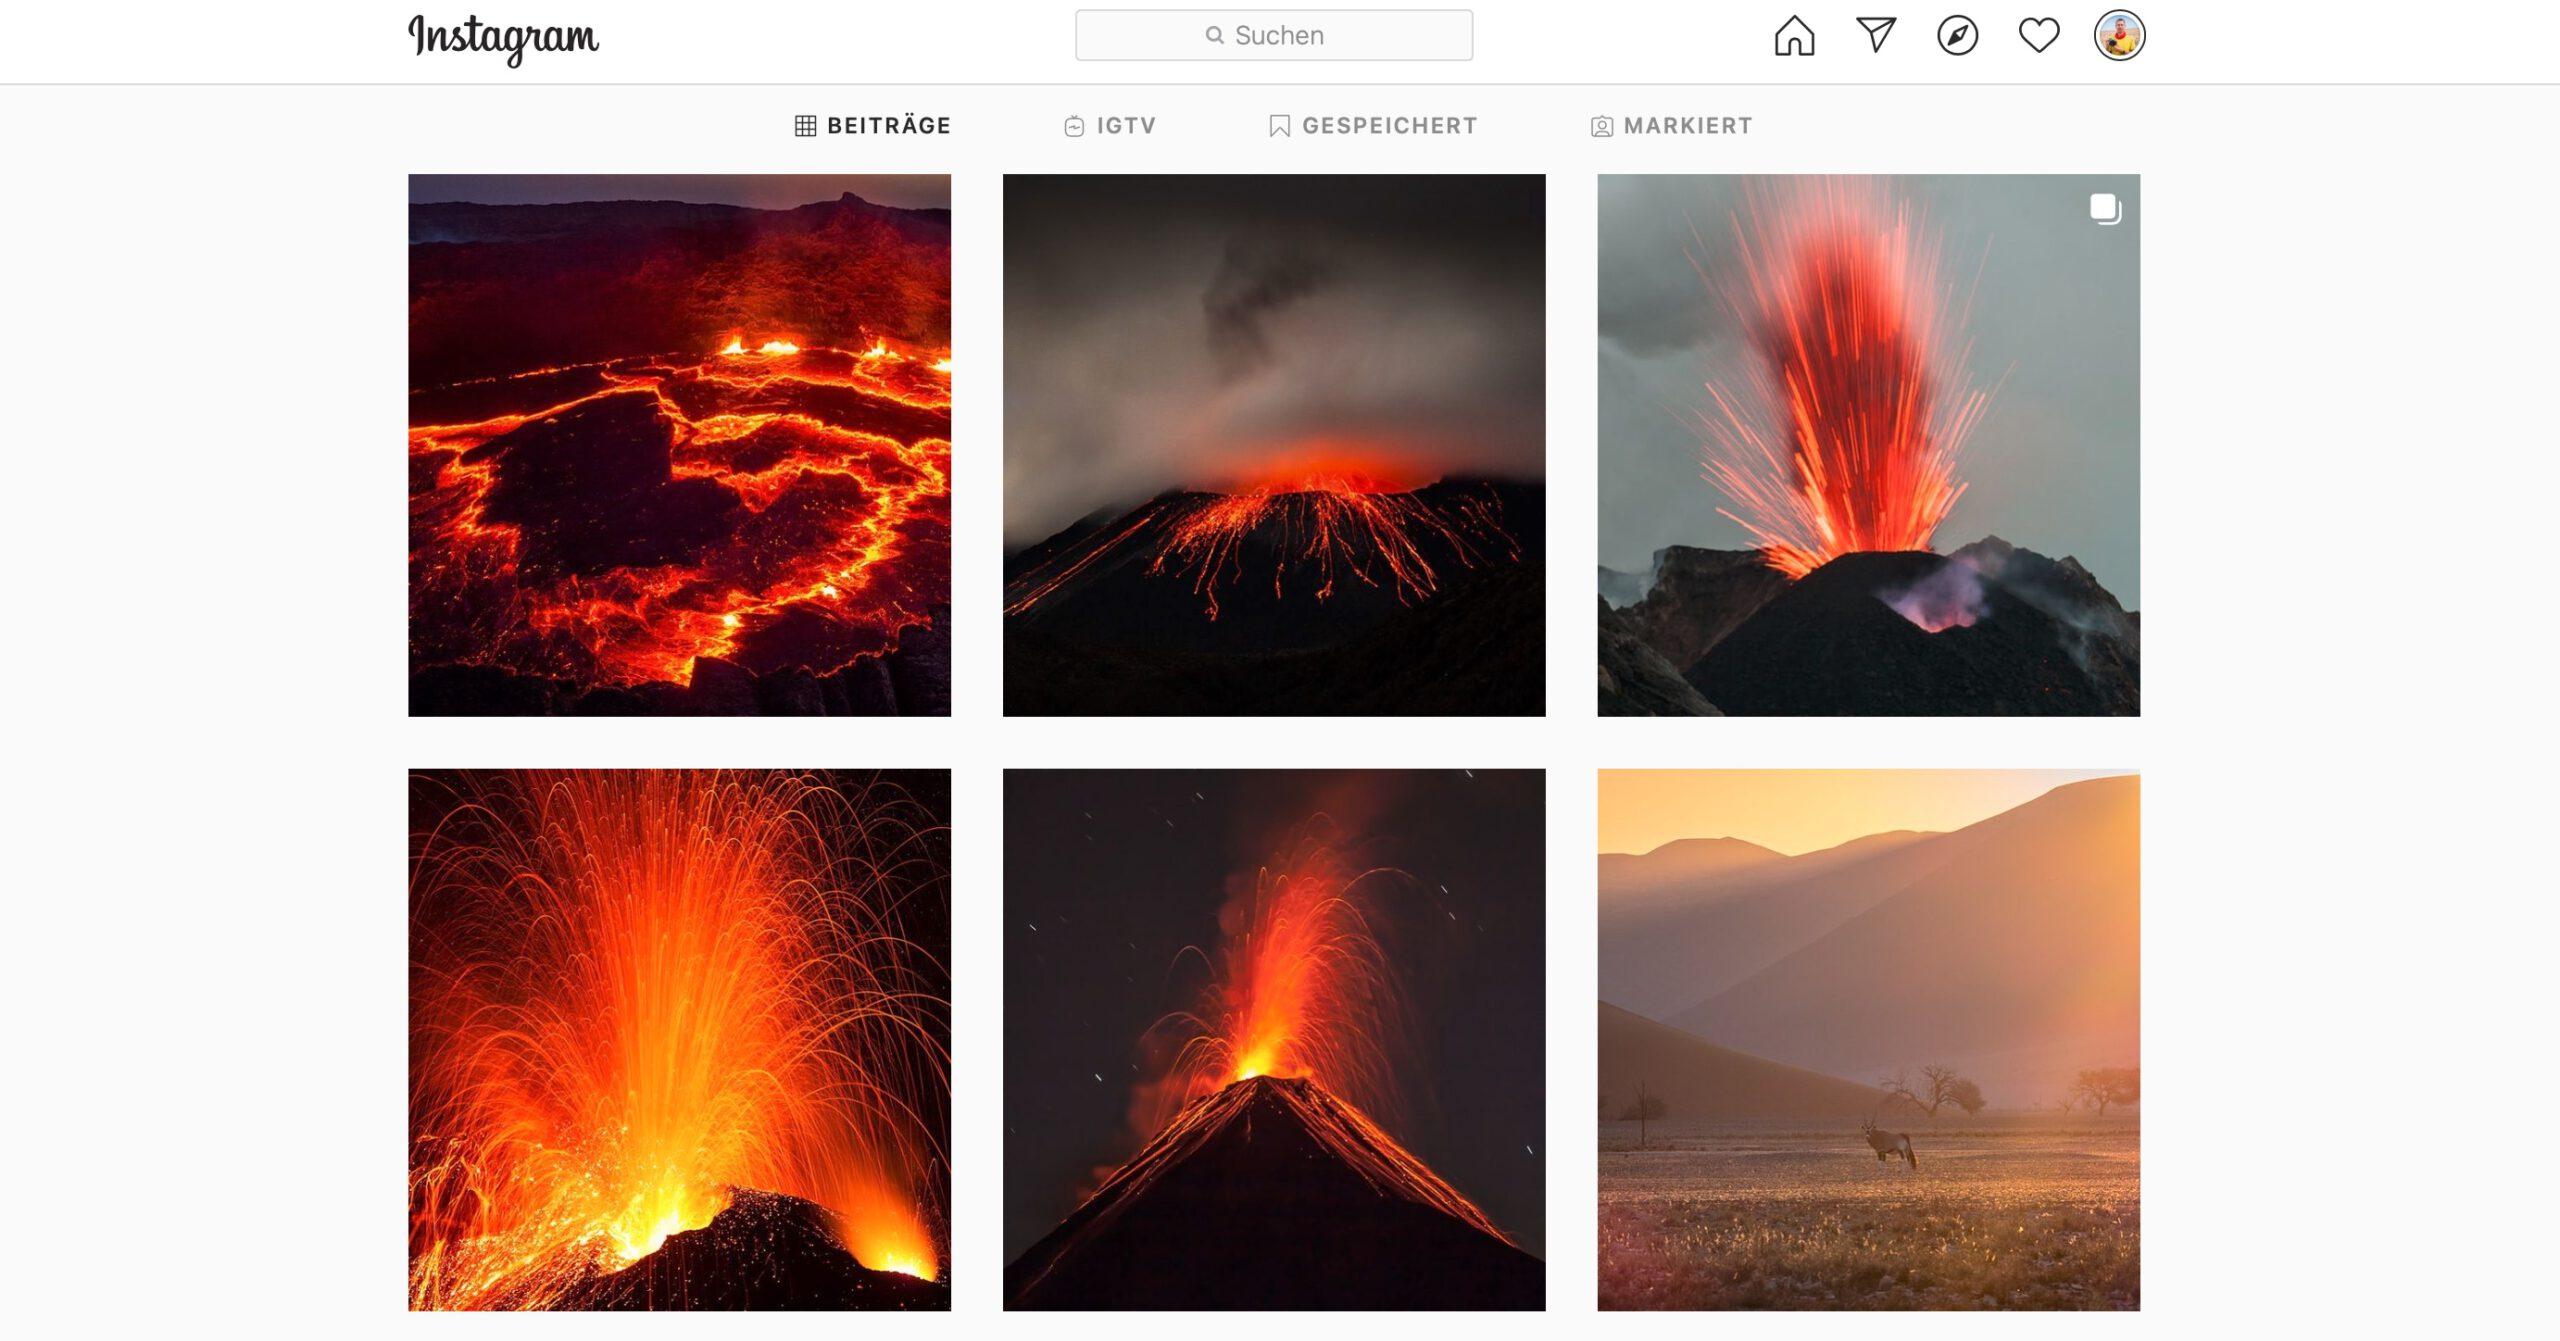 Vulkanwochen auf Instagram